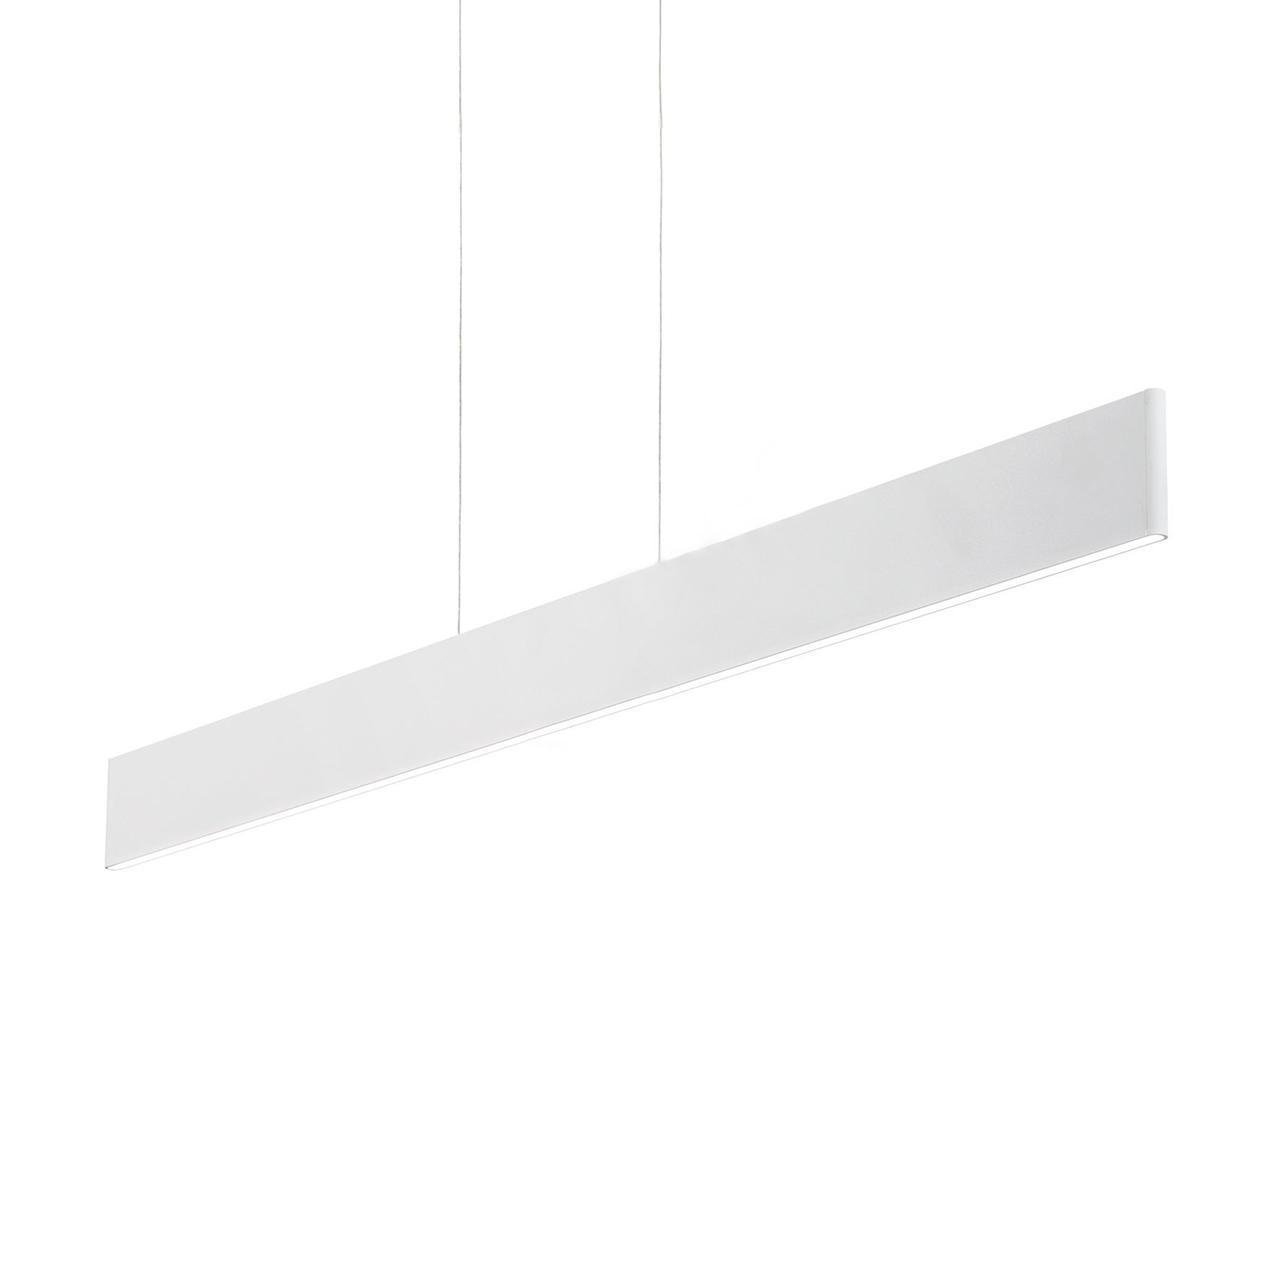 Подвесной светодиодный светильник Ideal Lux Desk SP1 подвесной светодиодный светильник ideal lux desk sp1